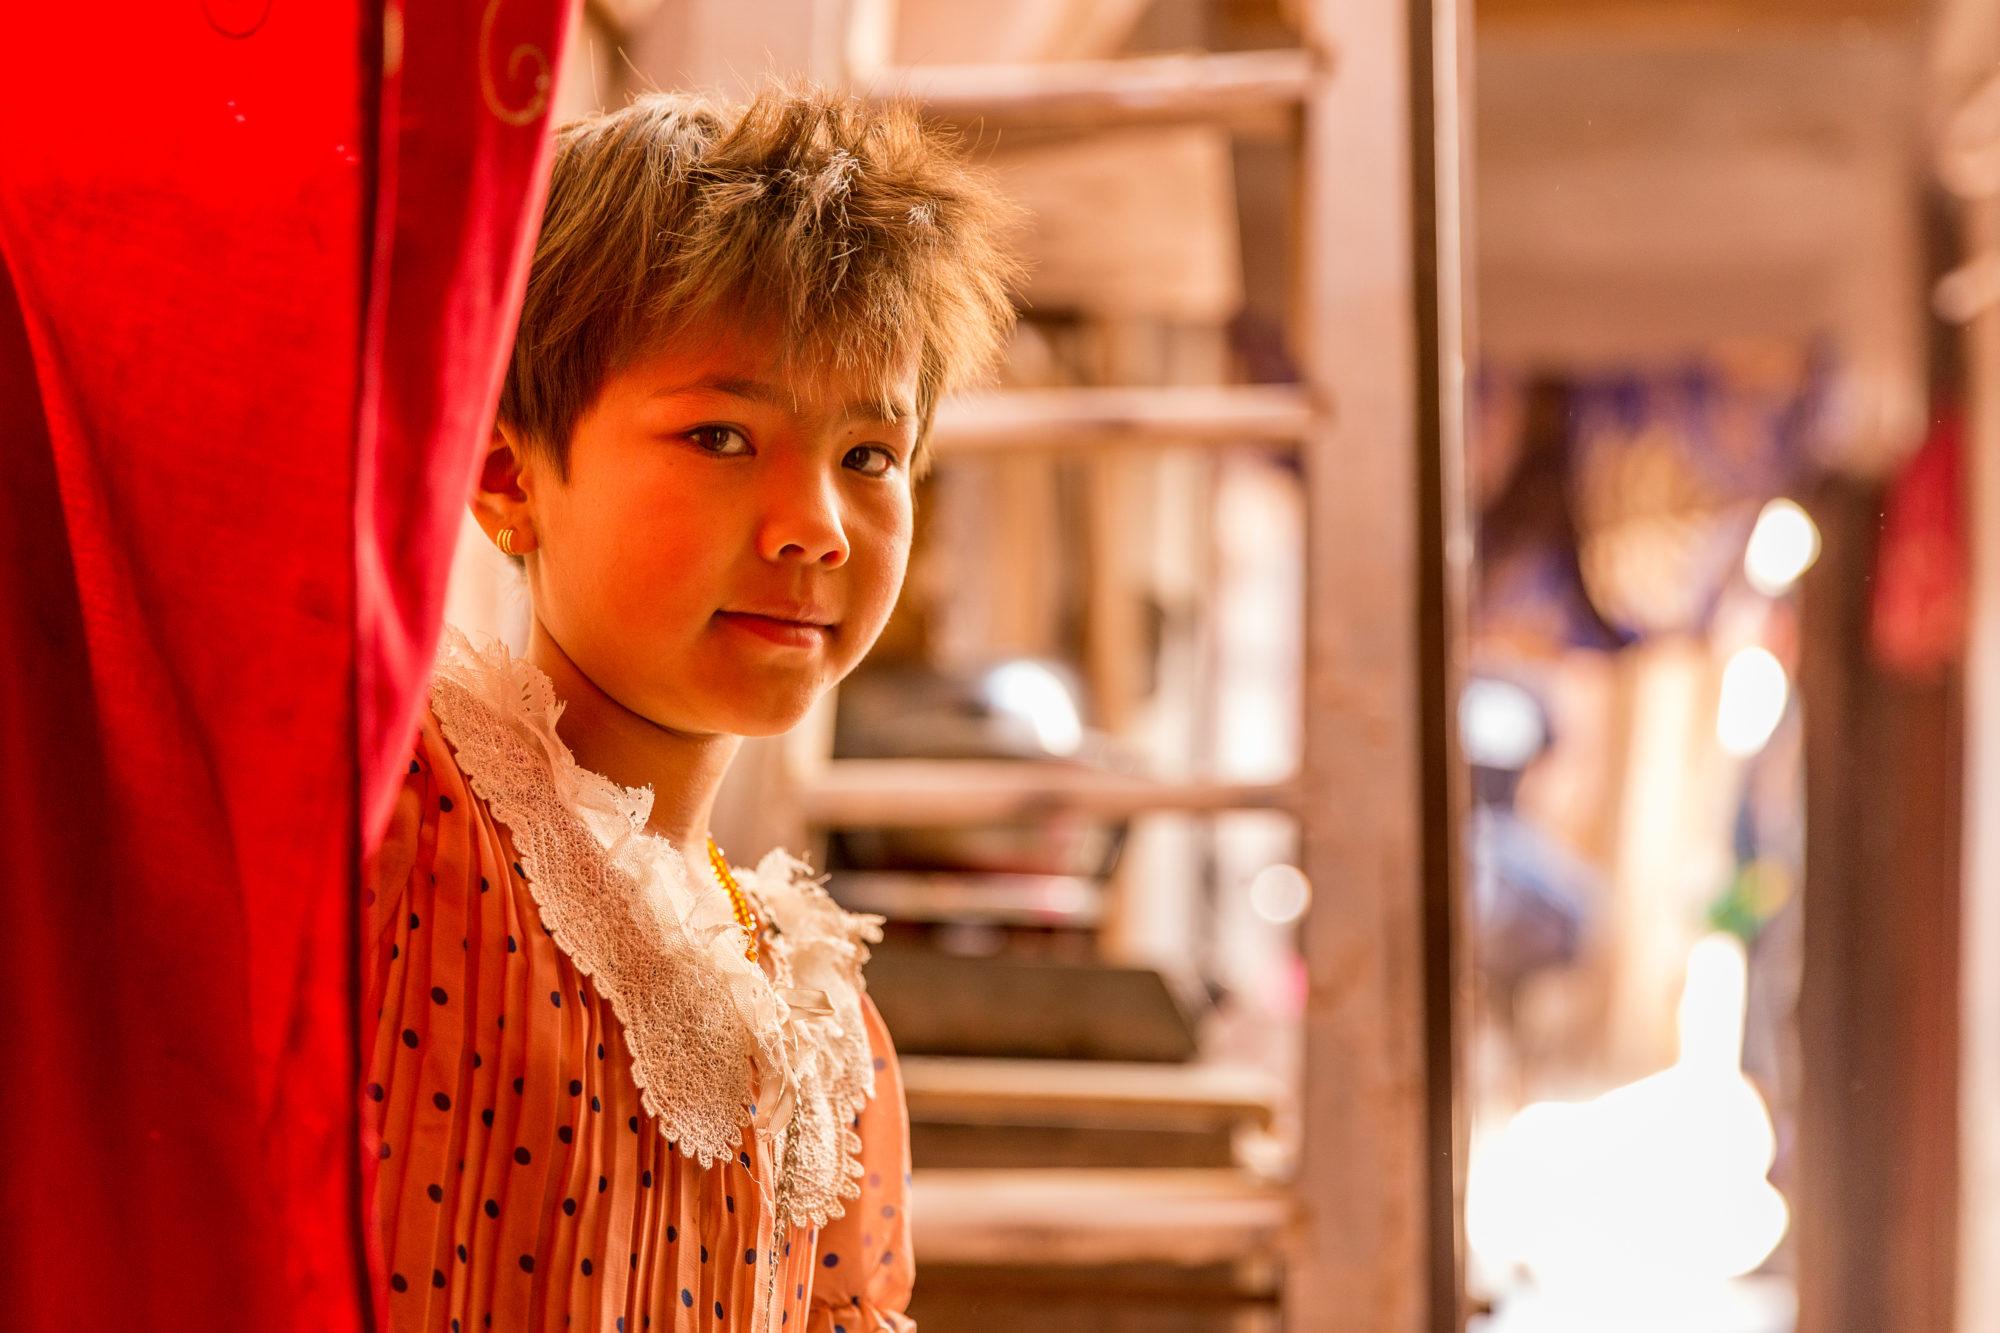 Una bimba all 39 interno di una casa di kashgar fotografo for Interno di una casa